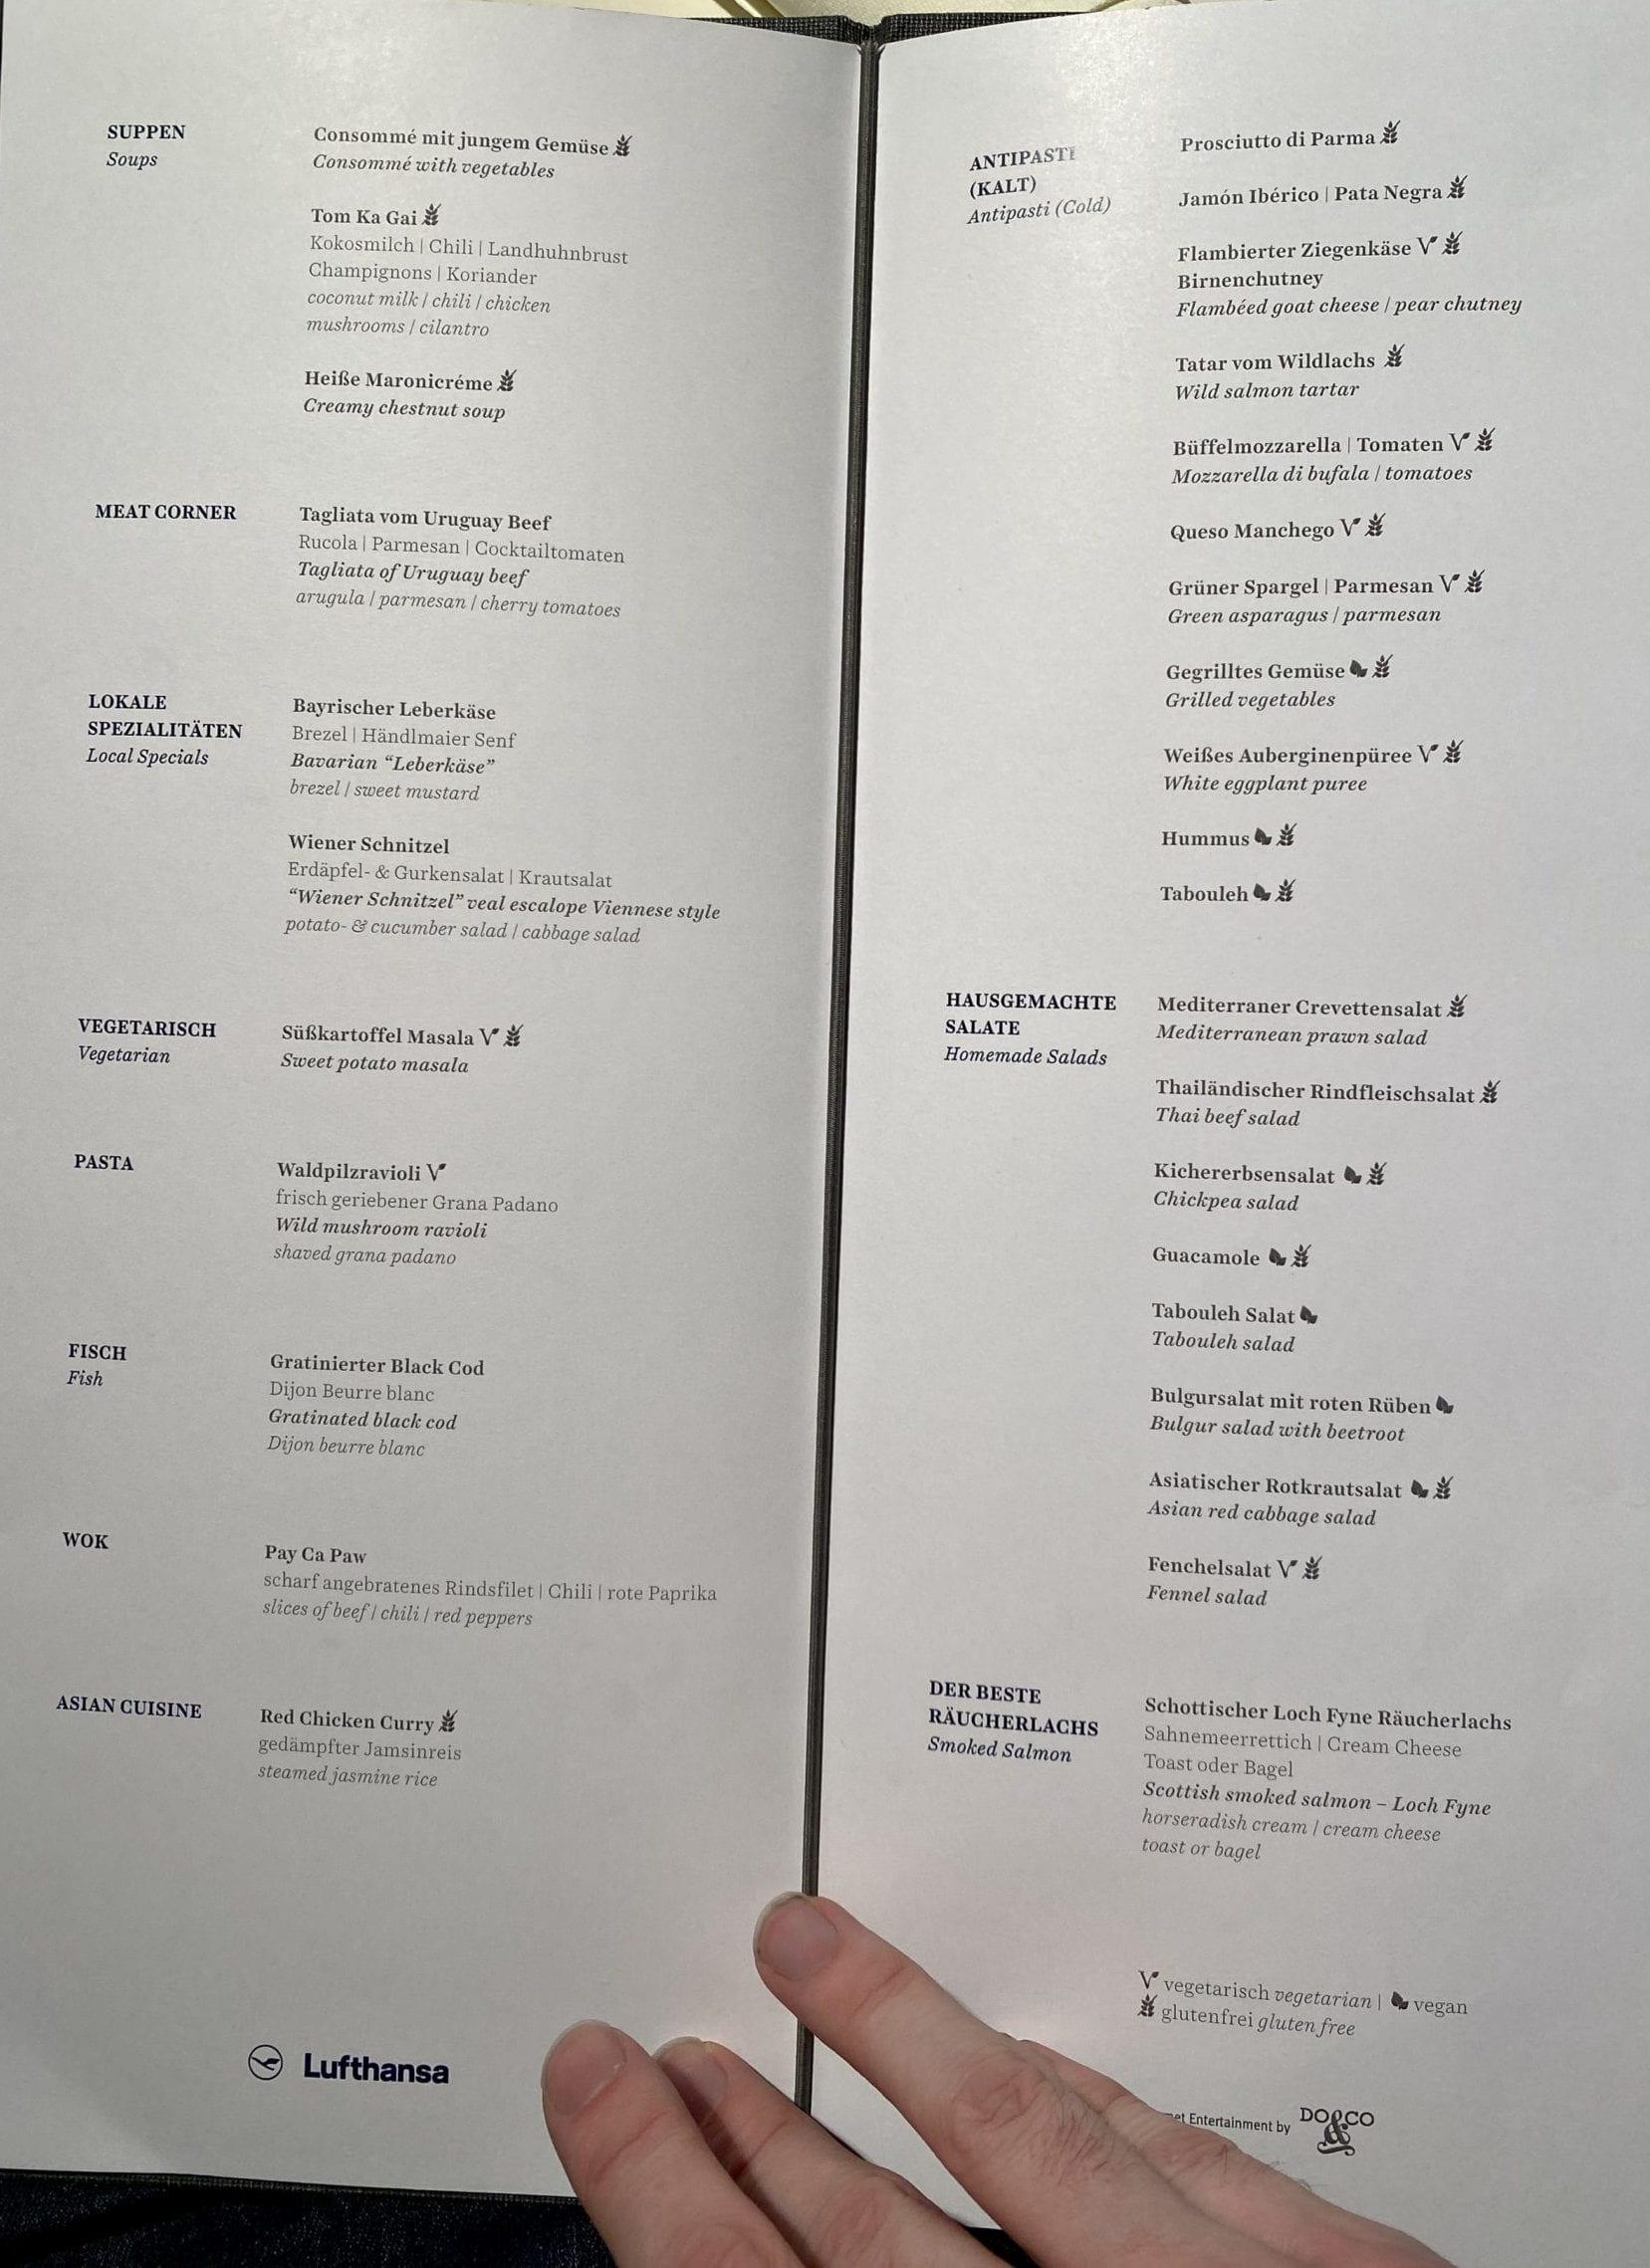 Lufthansa first class terminal menu